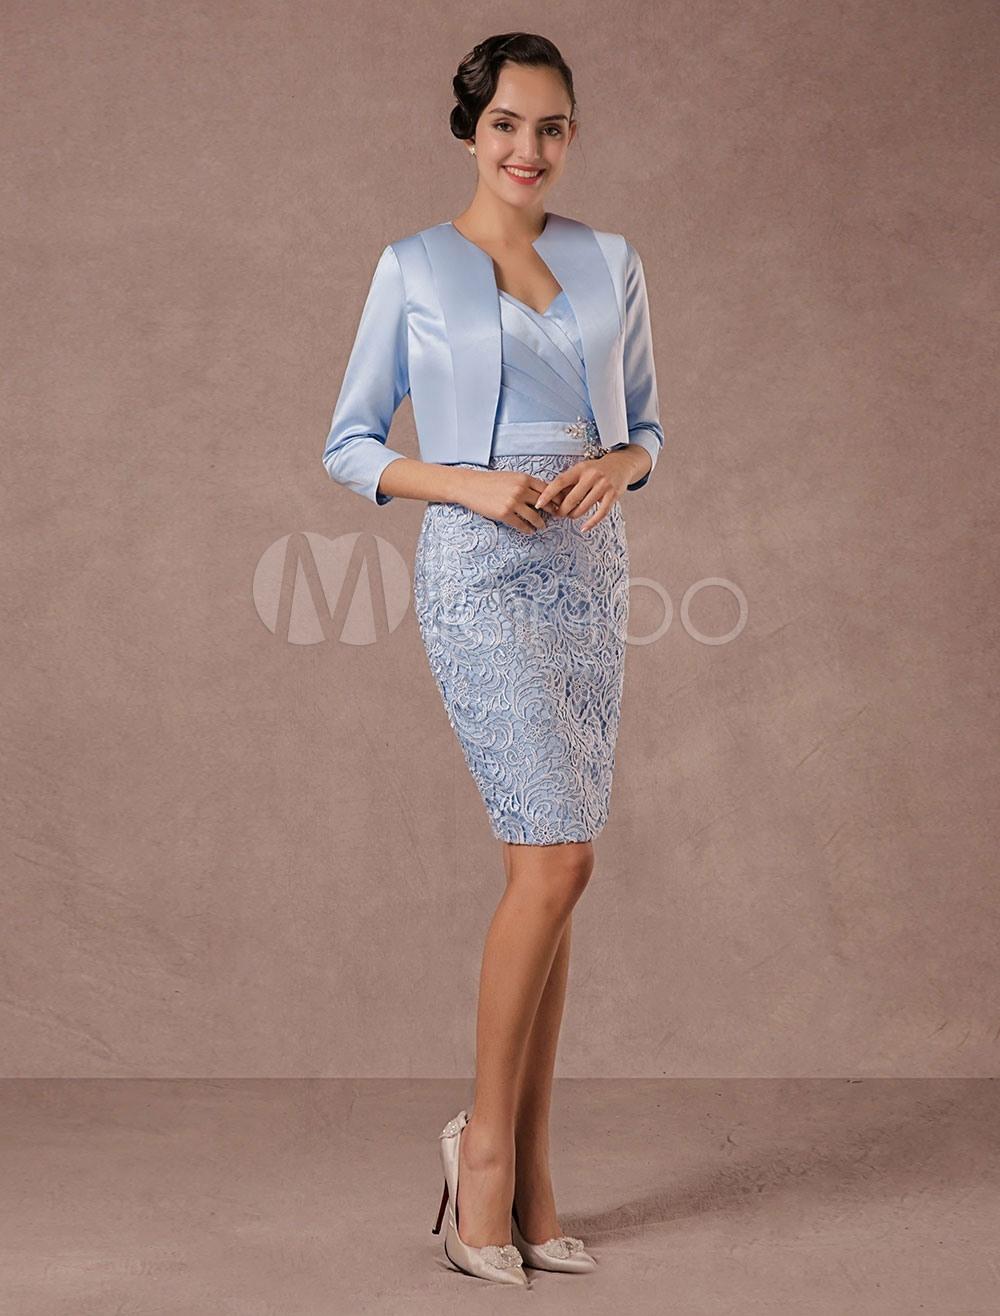 Abend Perfekt Schöne Moderne Kleider Spezialgebiet10 Schön Schöne Moderne Kleider für 2019